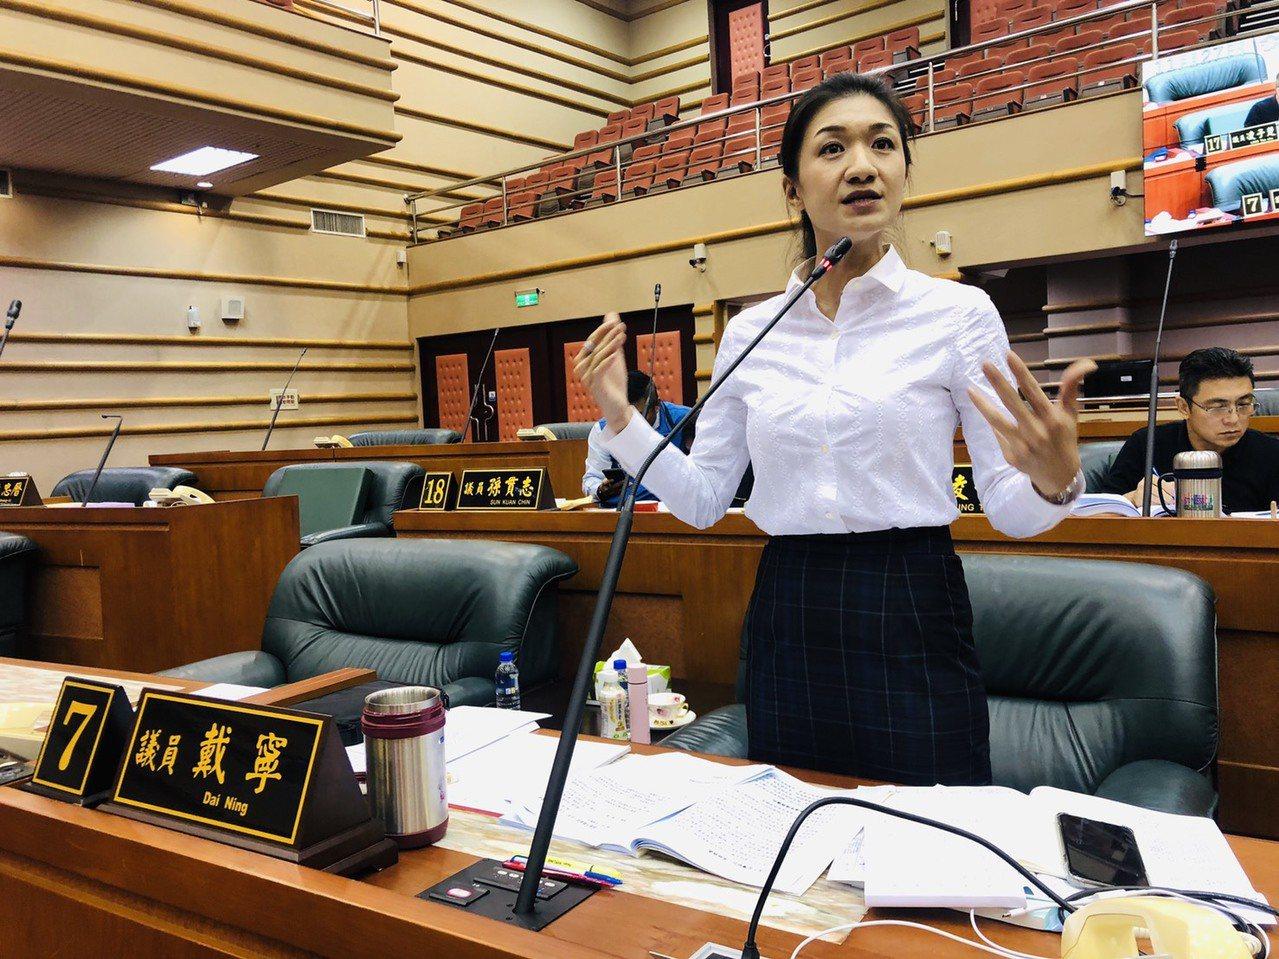 嘉義市議員戴寧曾被郭台銘勸進,但仍決定以獨立參選。本報資料照片